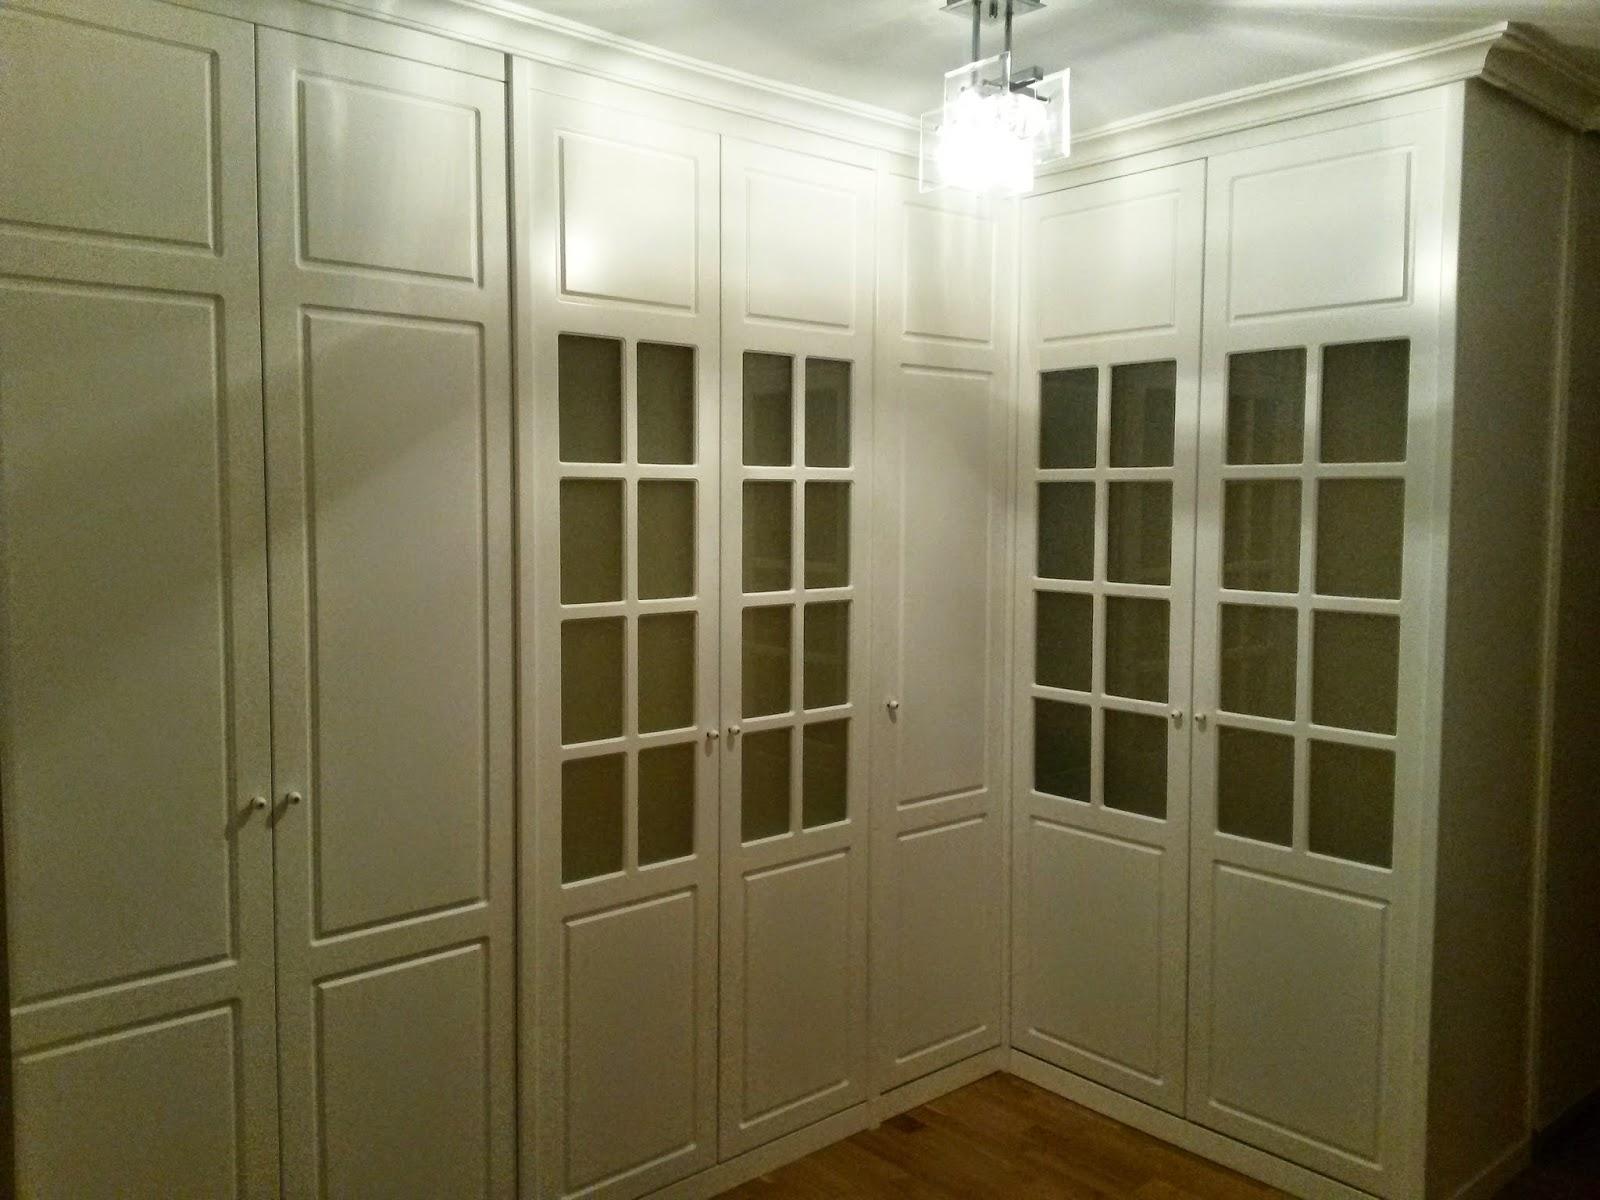 Muebles a medida armario en l con puertas pantografiadas y lacadas en blanco - Armario en l ...